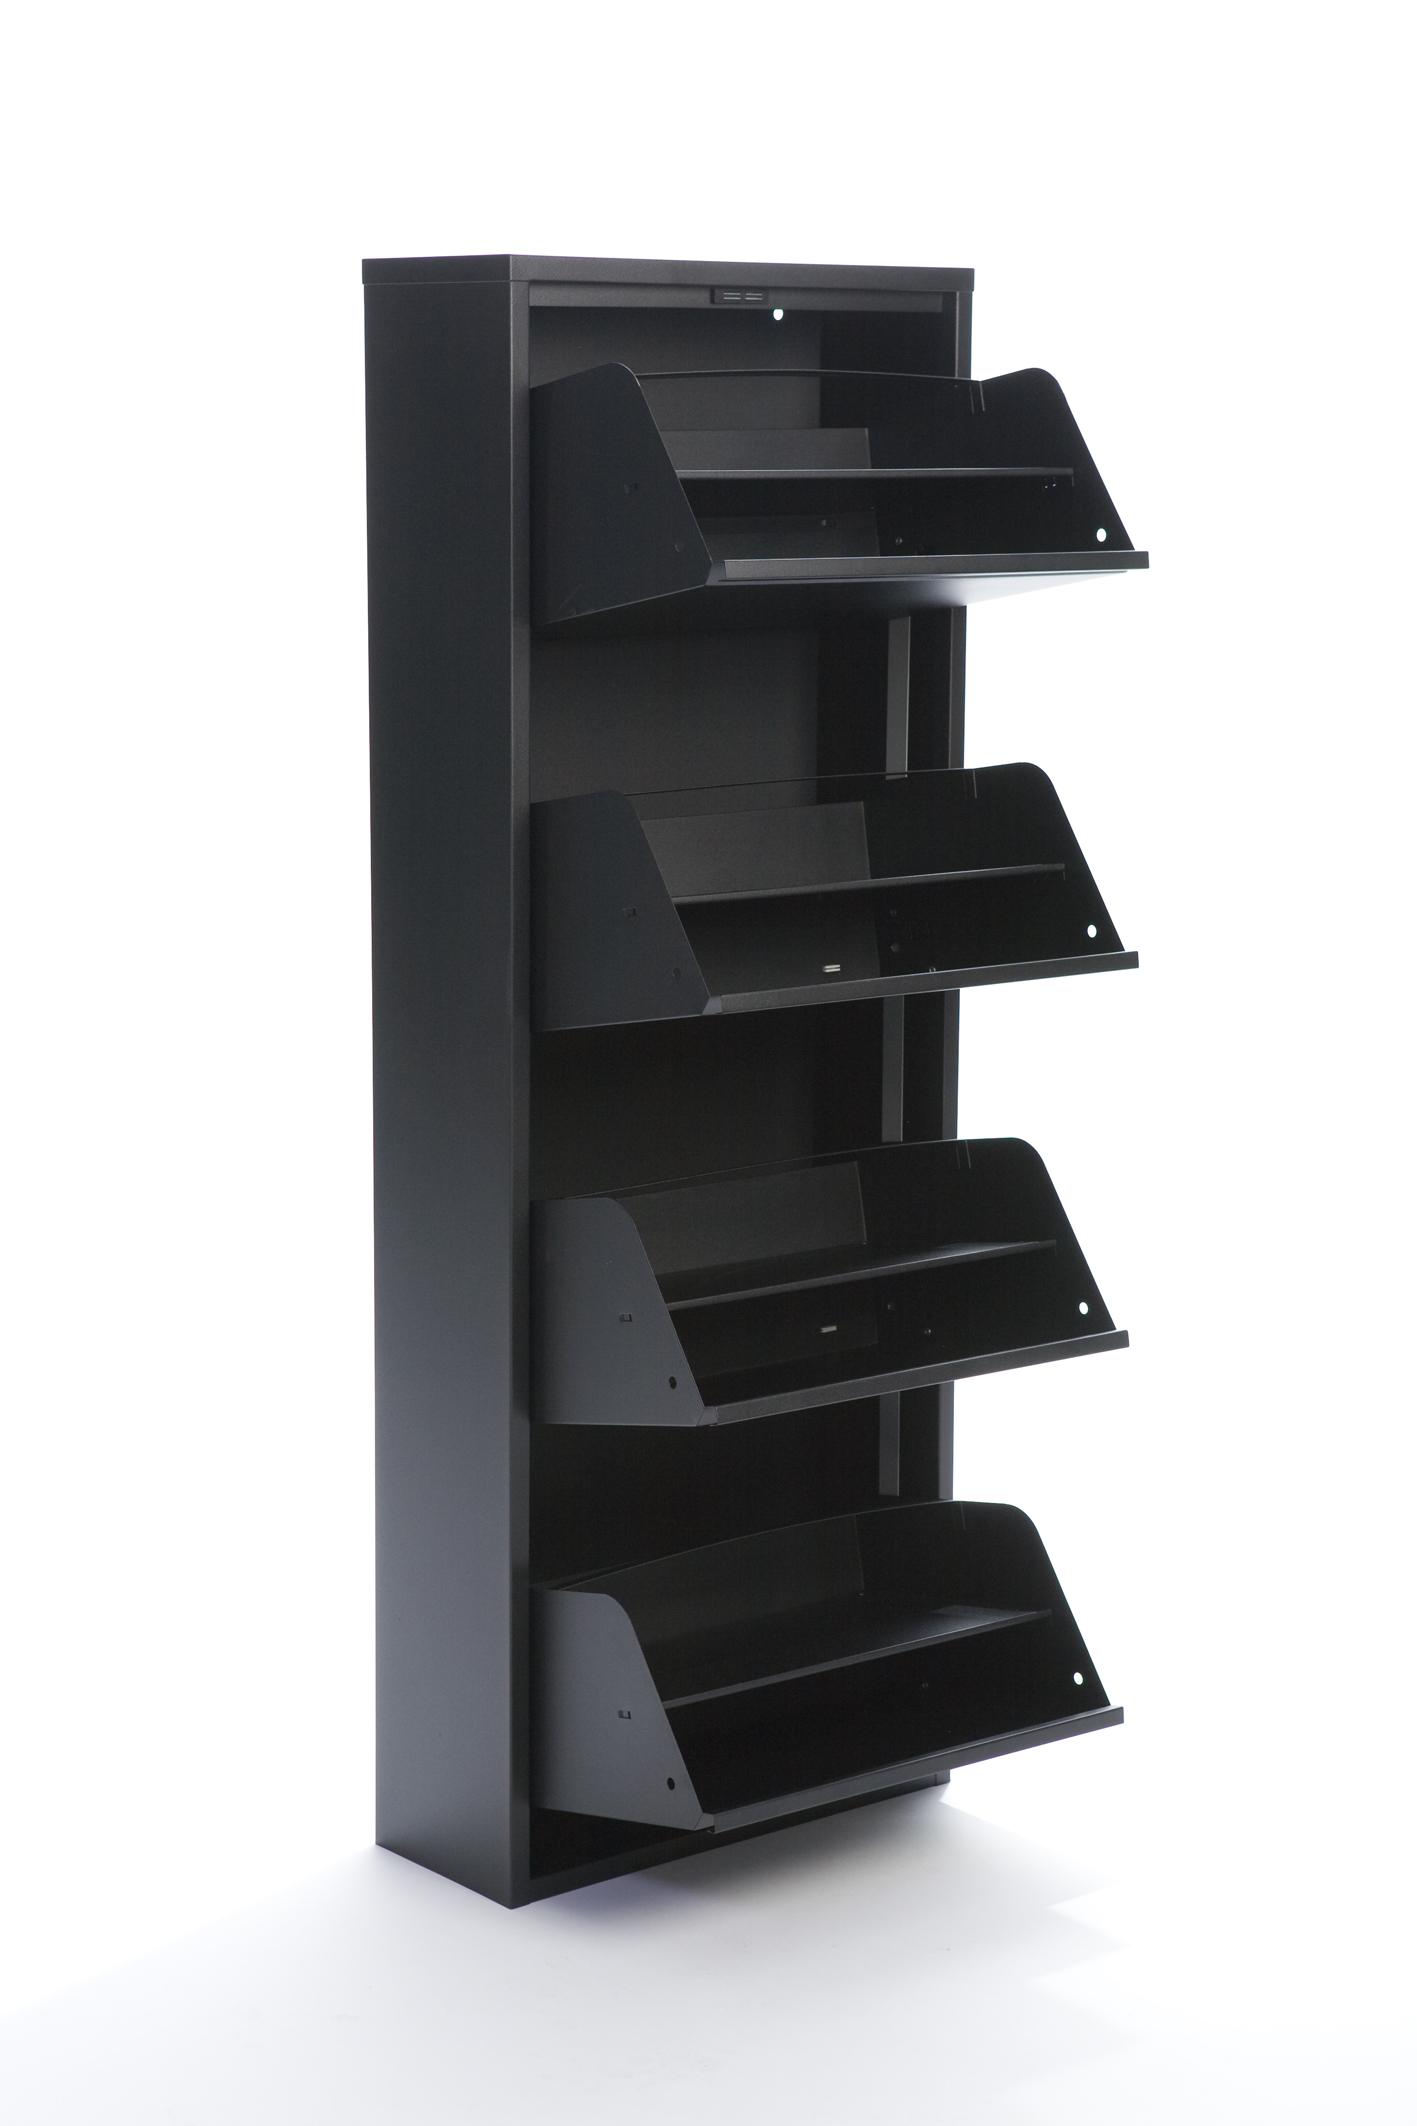 Skoskåp FS 905 (5 lådor)